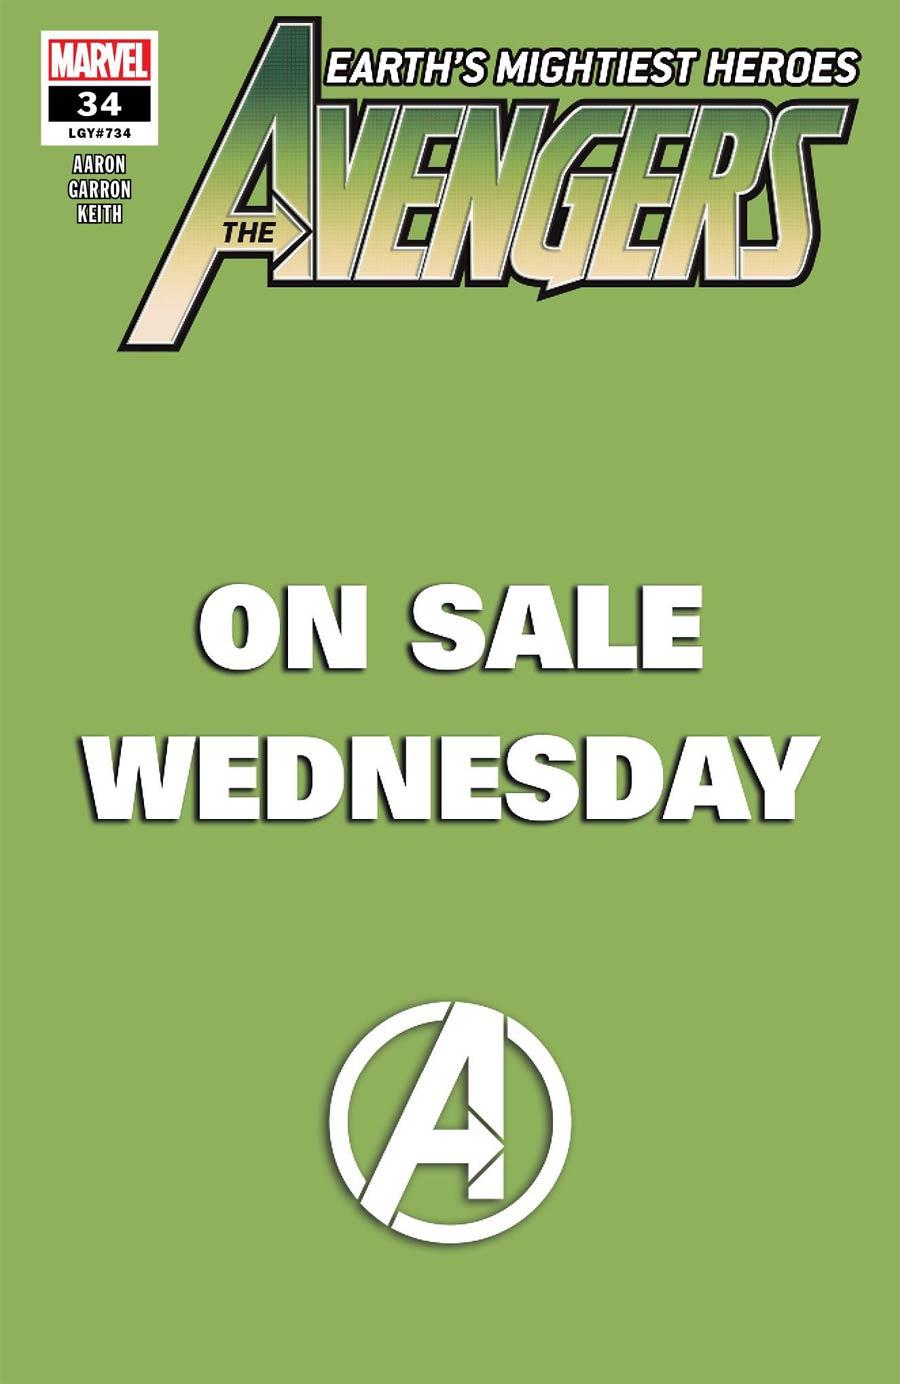 Avengers Vol 7 #34 Cover B Variant Marvel Wednesday Cover